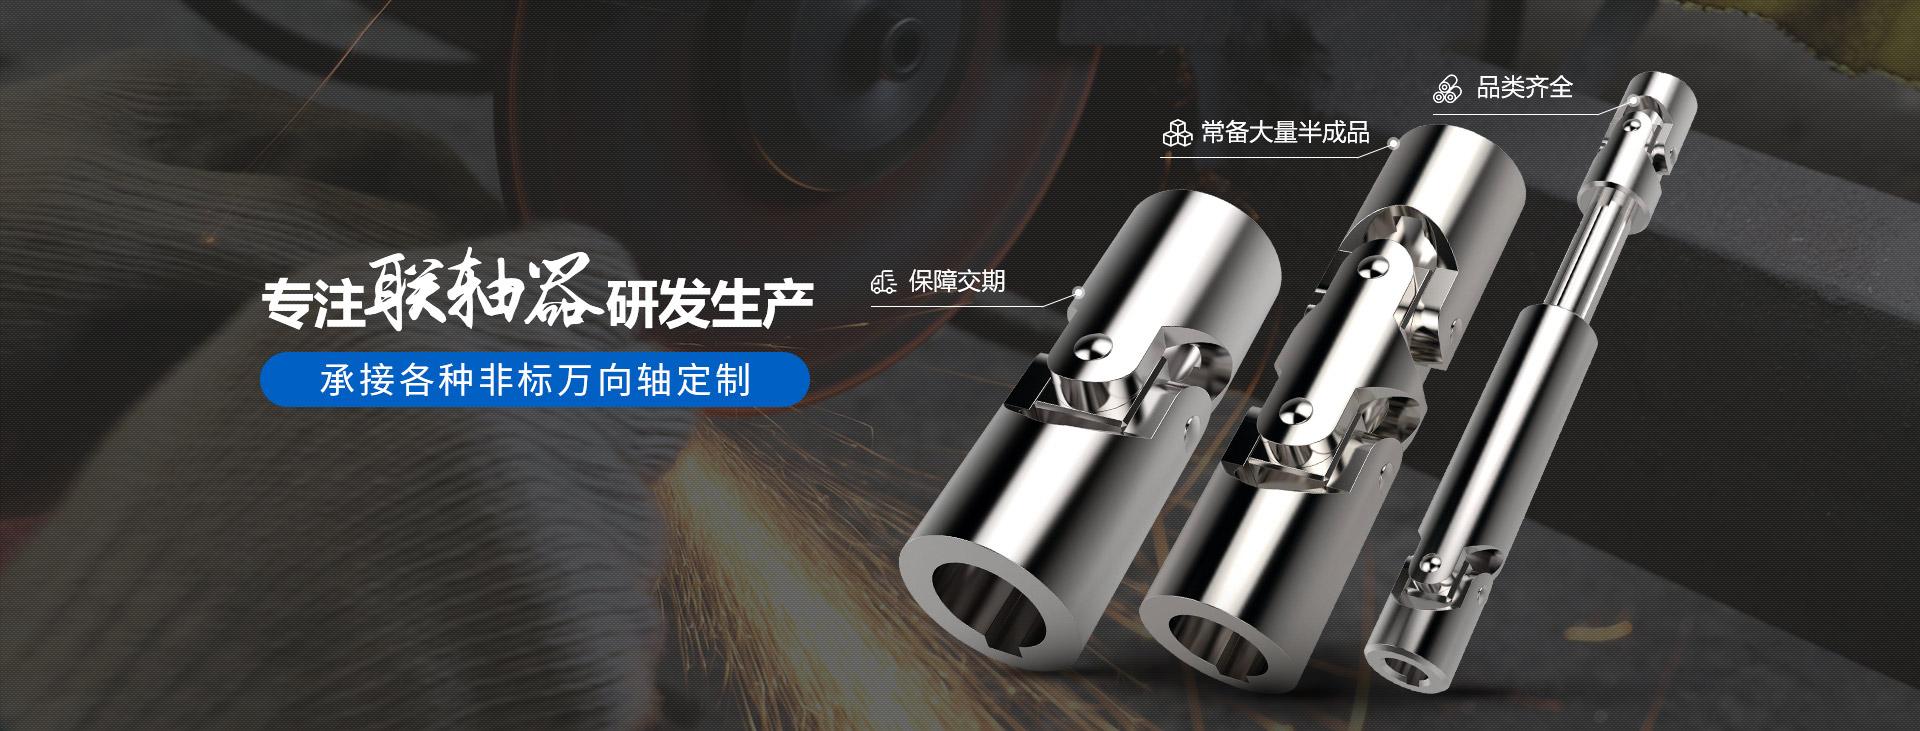 厚哲传动-专注联轴器研发生产,承接各种非标万向轴定制